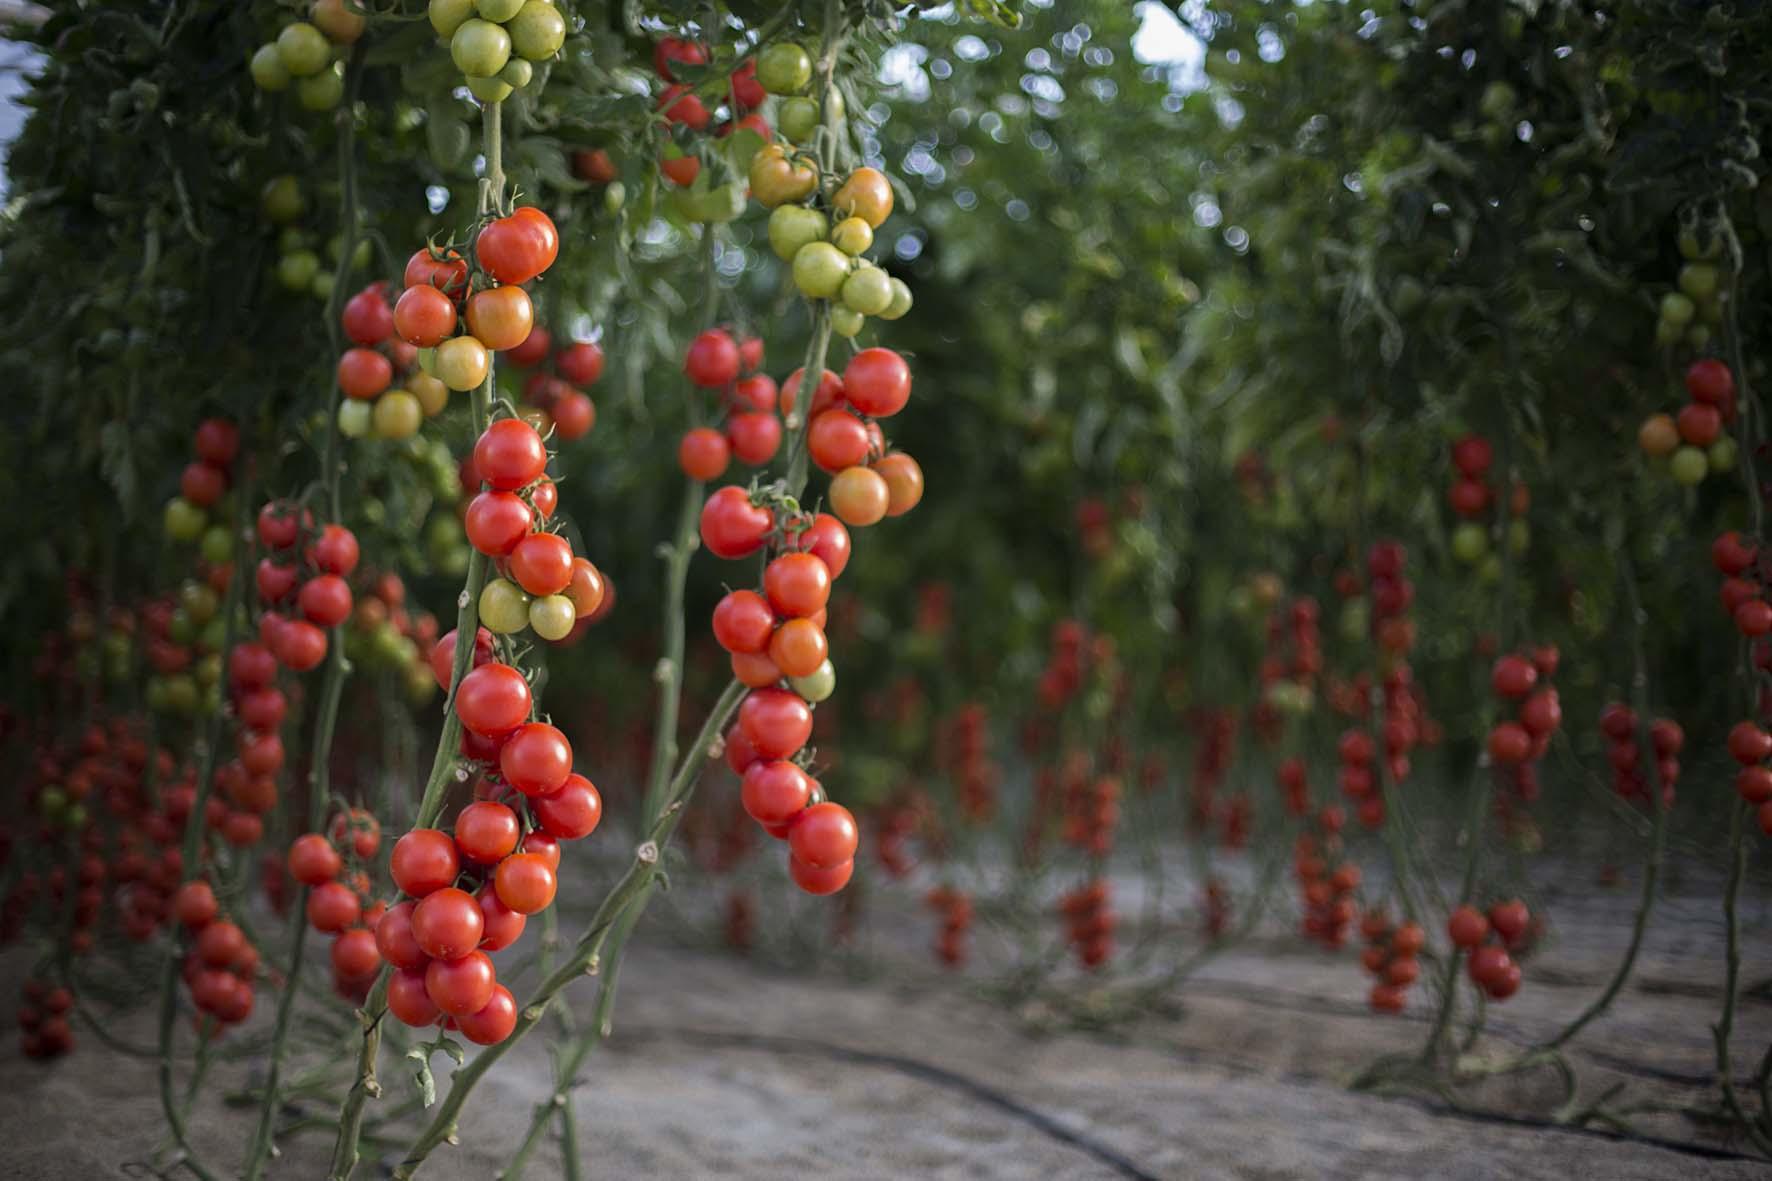 La UAL pone en valor académico internacional el Modelo Almería de cultivos